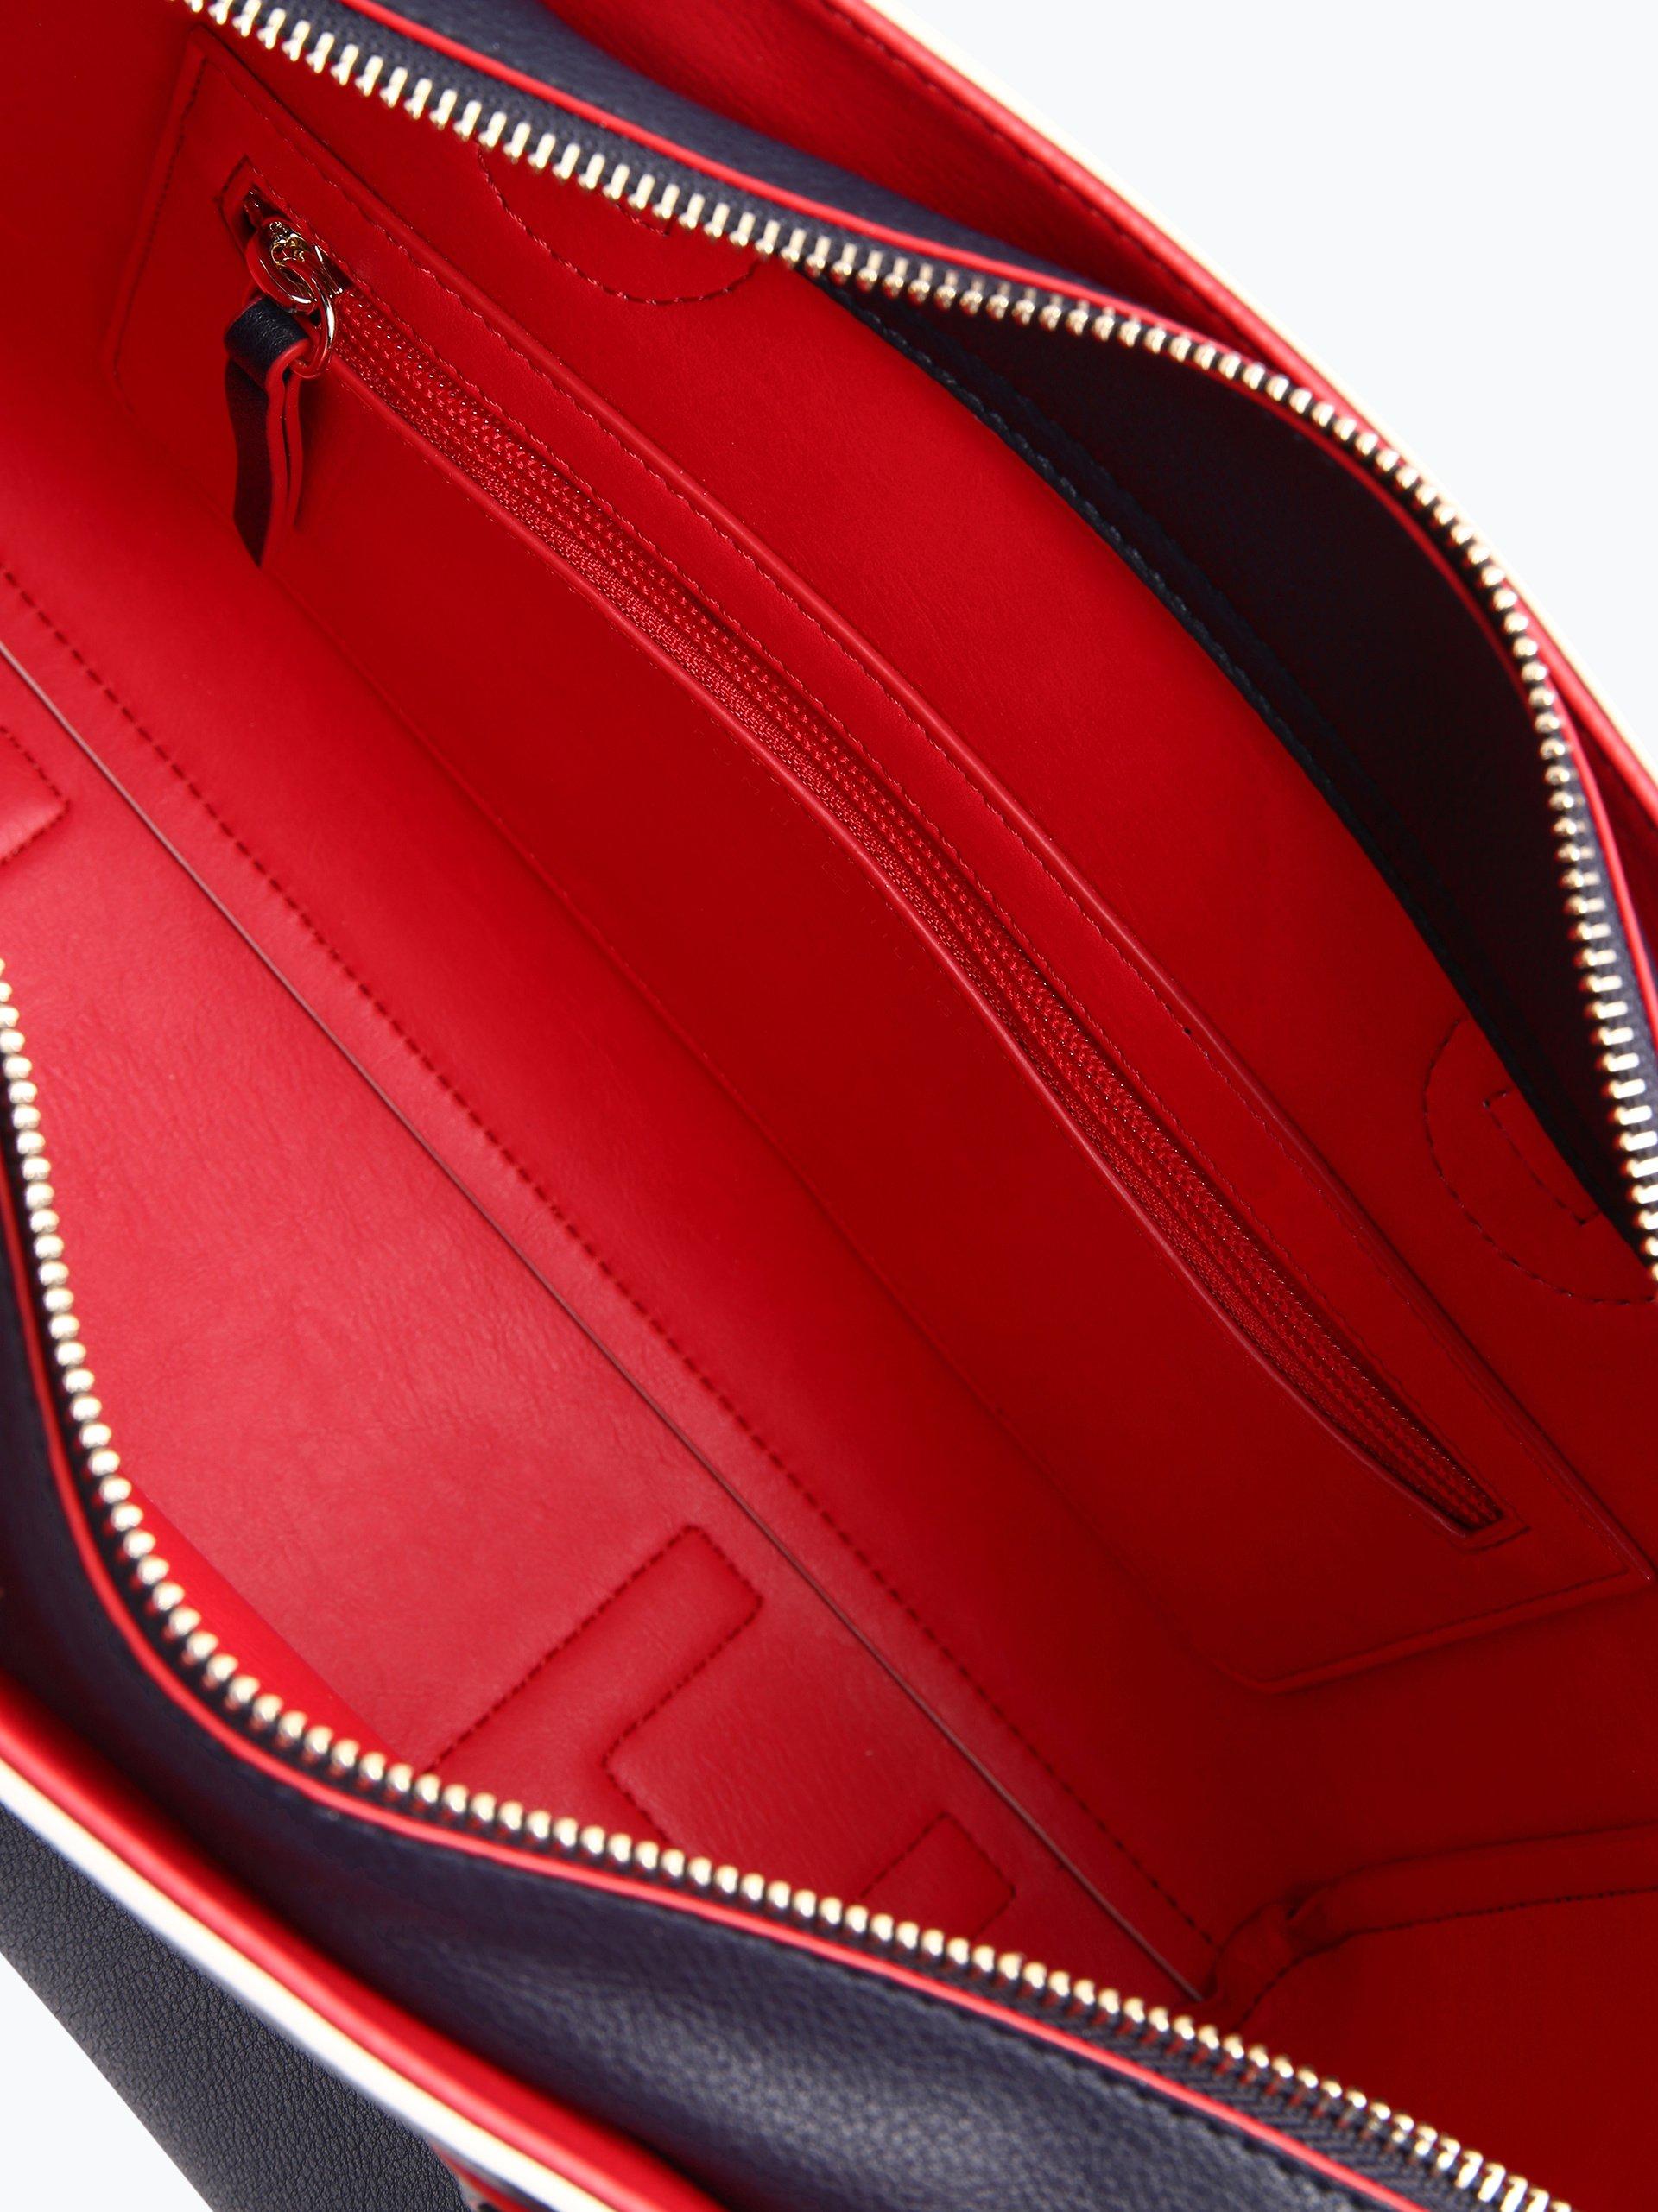 tommy hilfiger damen handtasche online kaufen vangraaf com. Black Bedroom Furniture Sets. Home Design Ideas